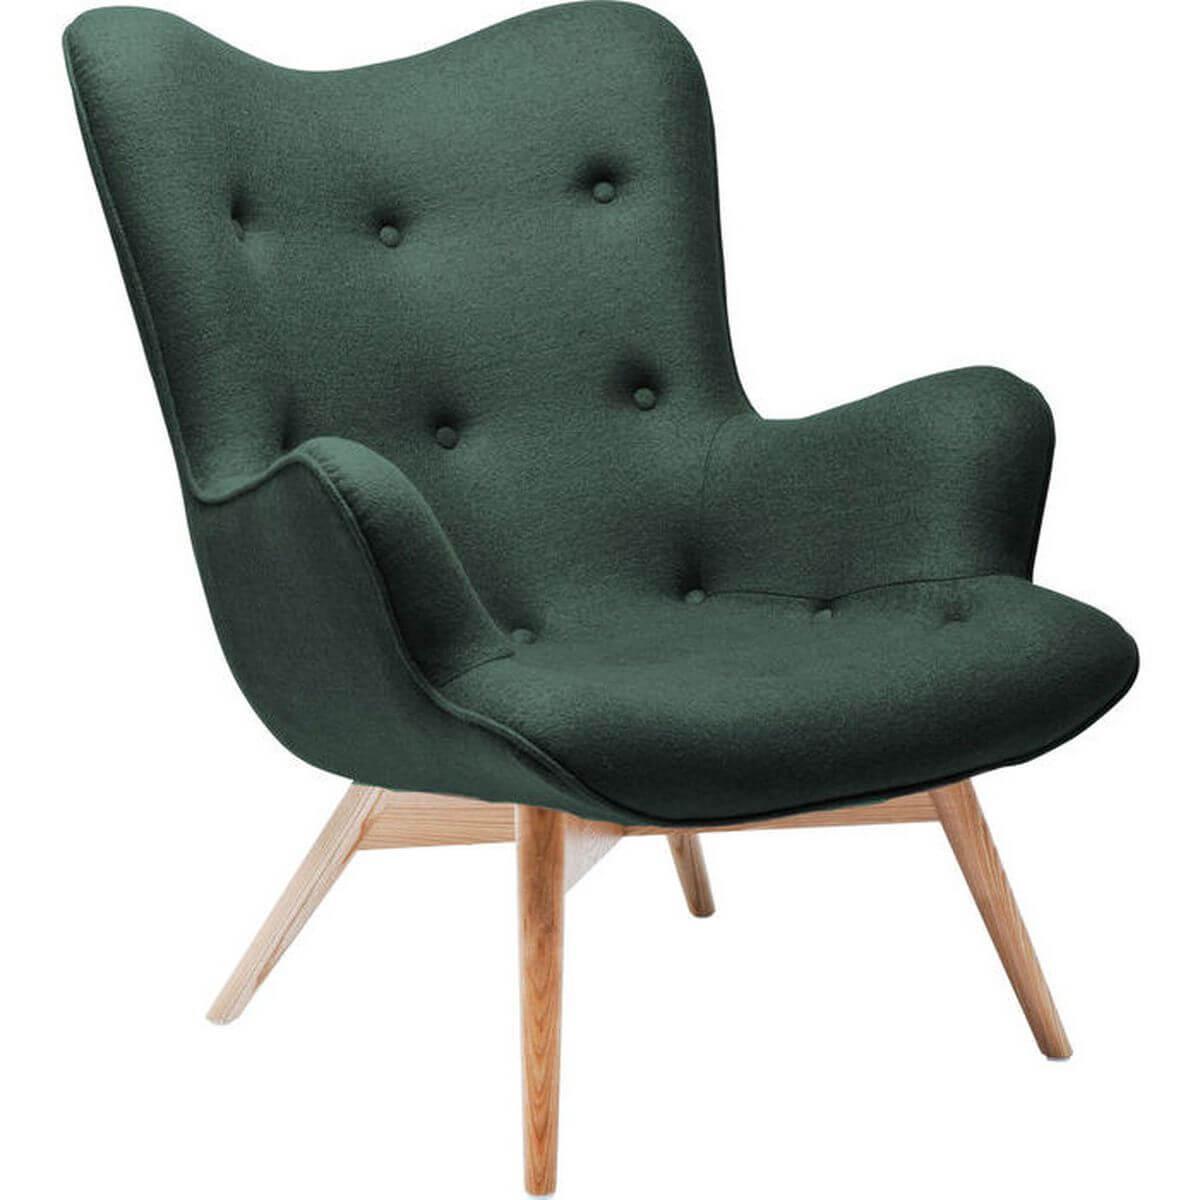 Fauteuil ANGELS WINGS Kare Design vert